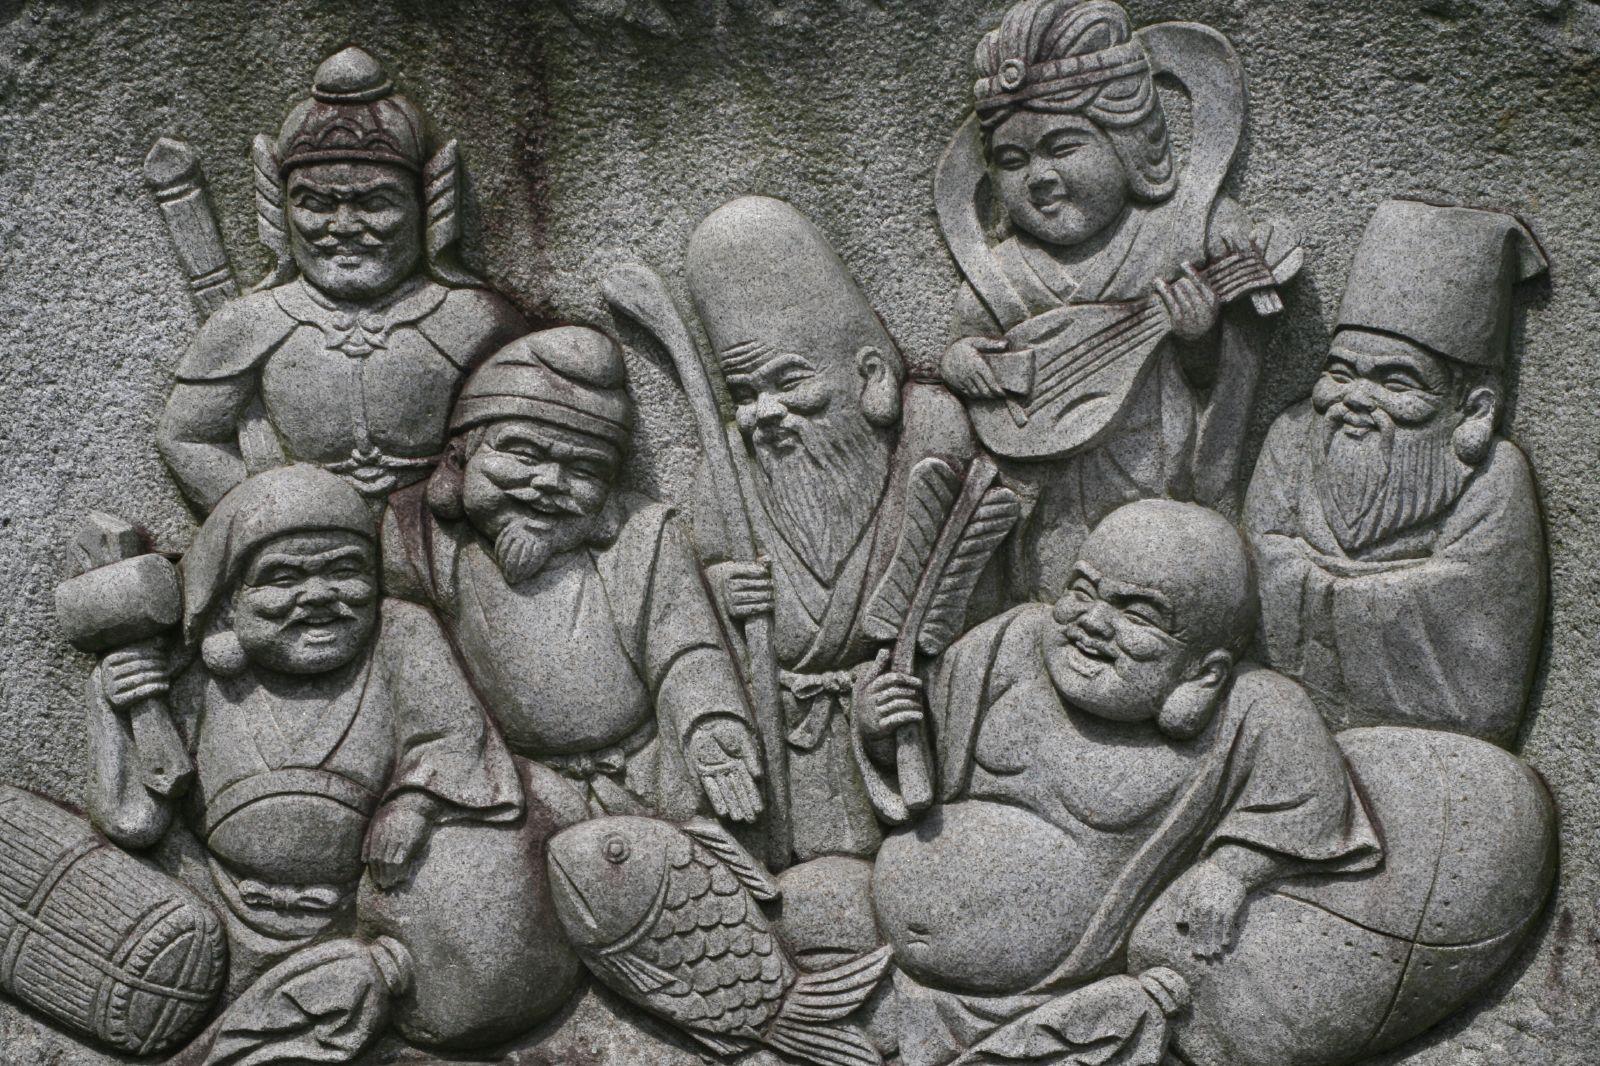 7 japońskich bóstw szczęścia: Daikokuten (Shiva, Mahakala), Bishamonten, Ebisu, Fukurokuju, Benzaiten, Hotei i Jurōjin.